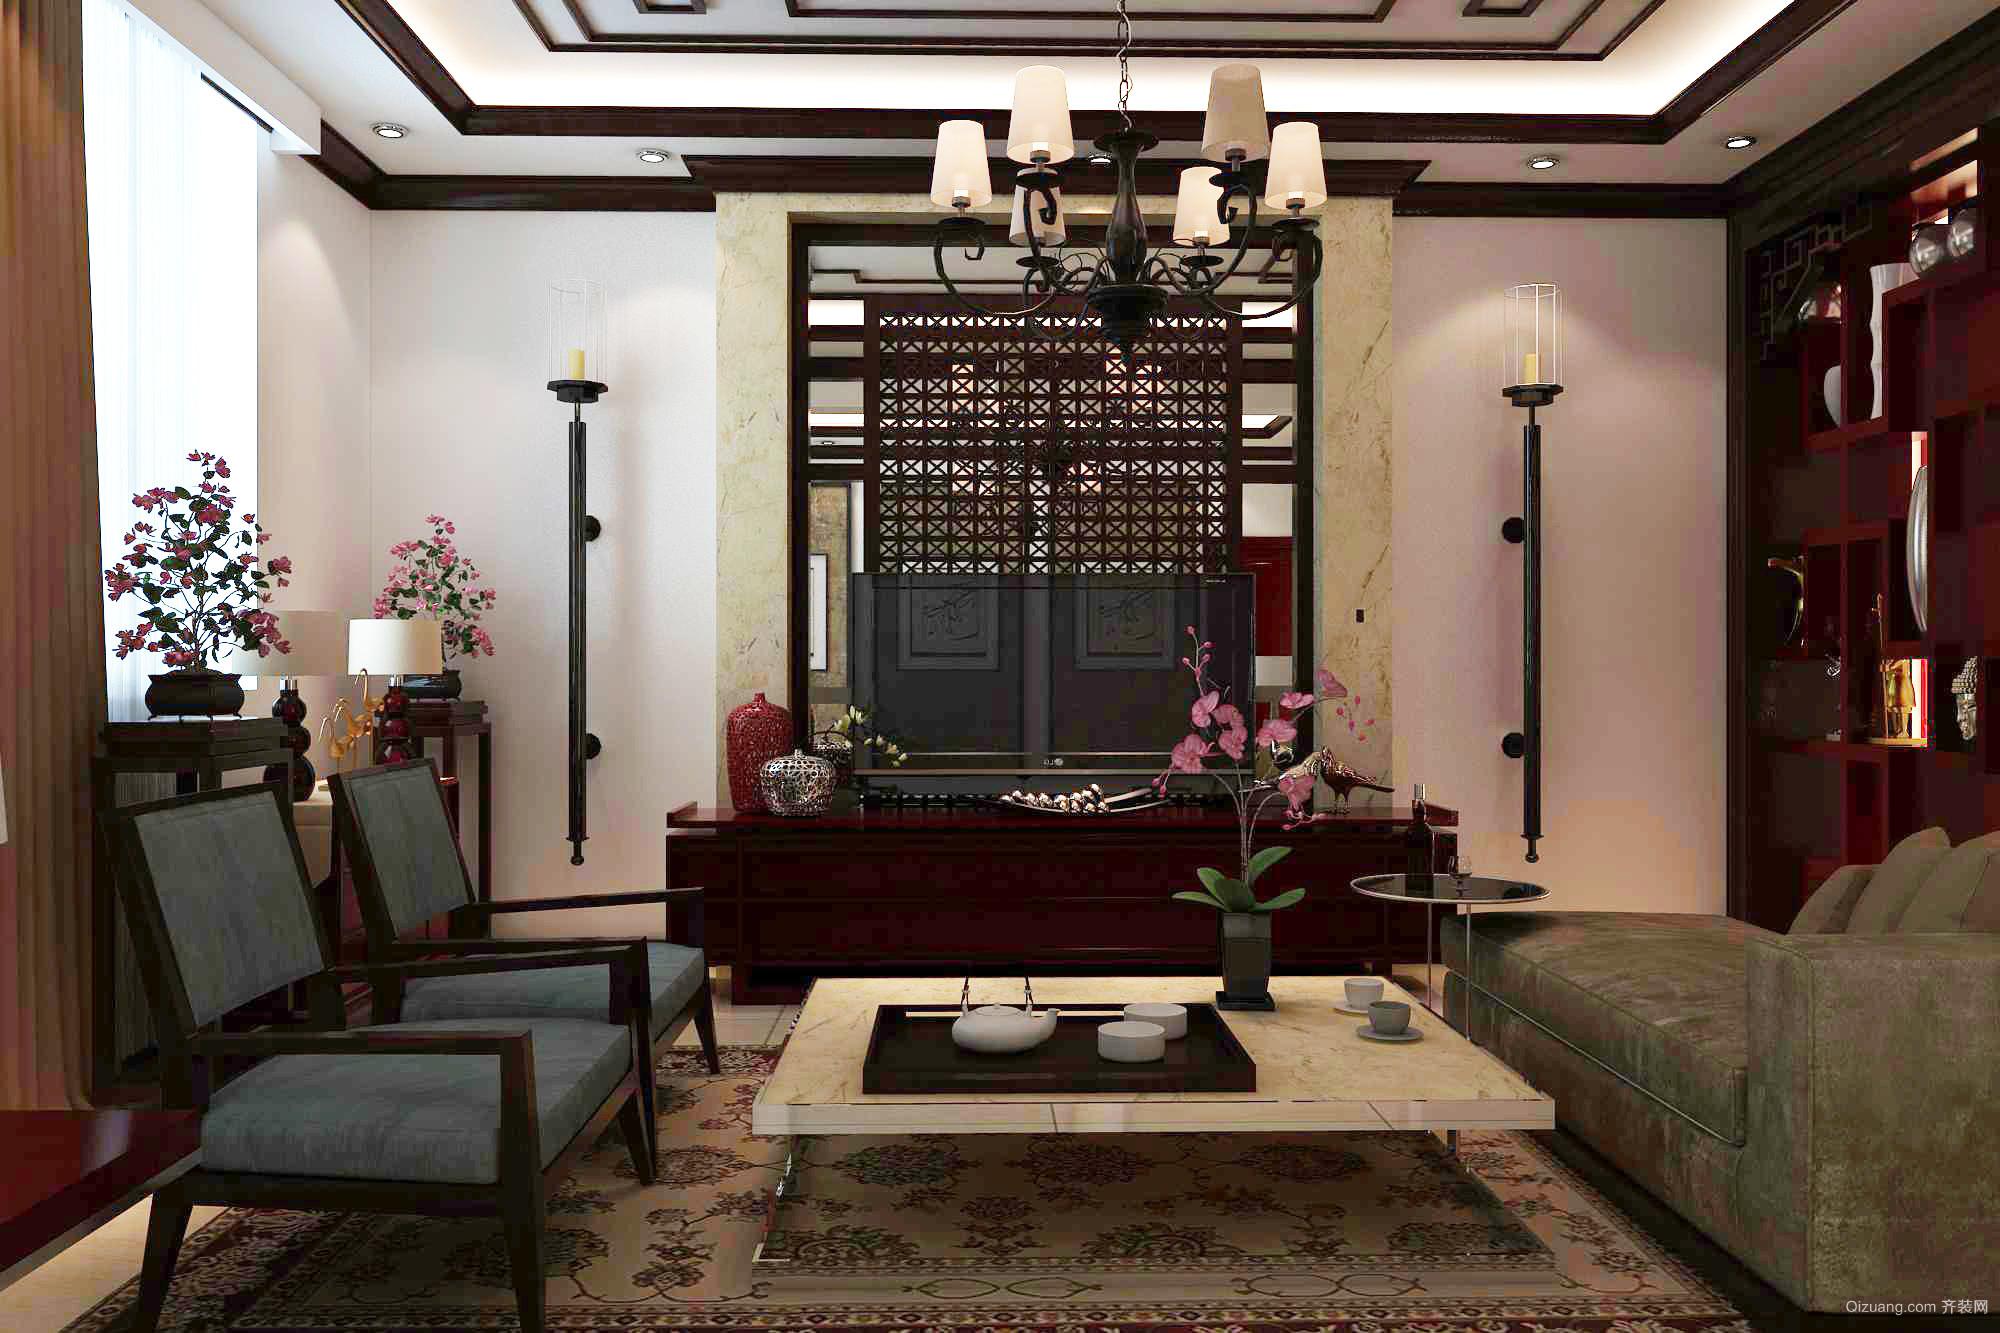 曲寨别墅中式风格装修效果图实景图